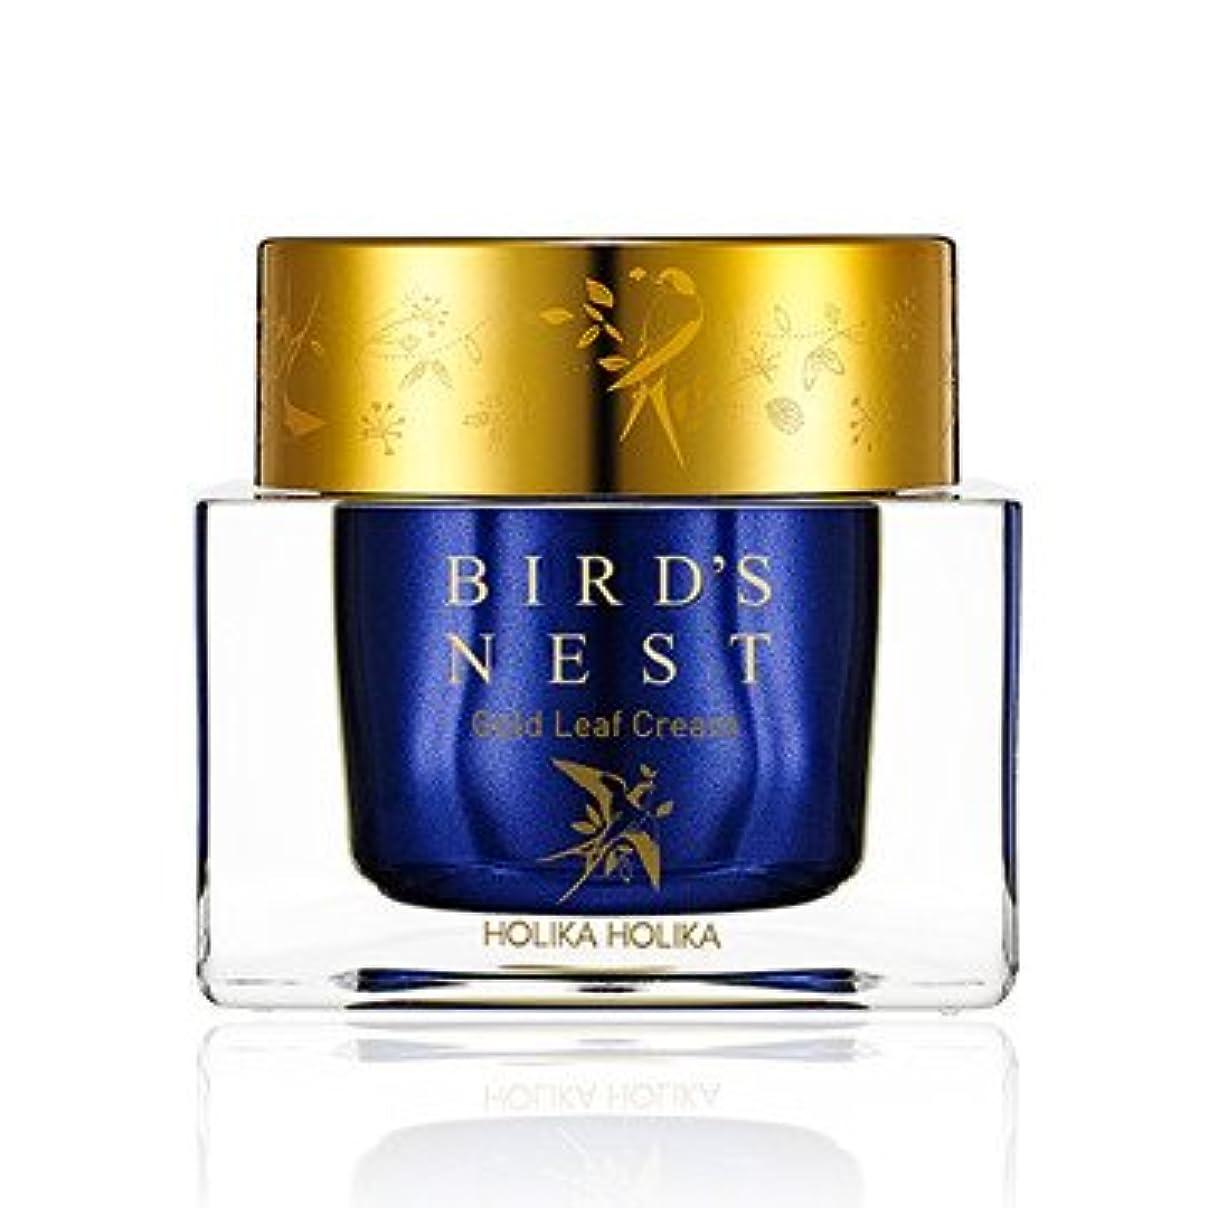 宿泊発表少し[2018 NEW] ホリカホリカ プライムユース バーズネスト ゴールドリーフ クリーム/Holika Holika Prime Youth Birds Nest Gold Leaf Cream 55ml [並行輸入品]